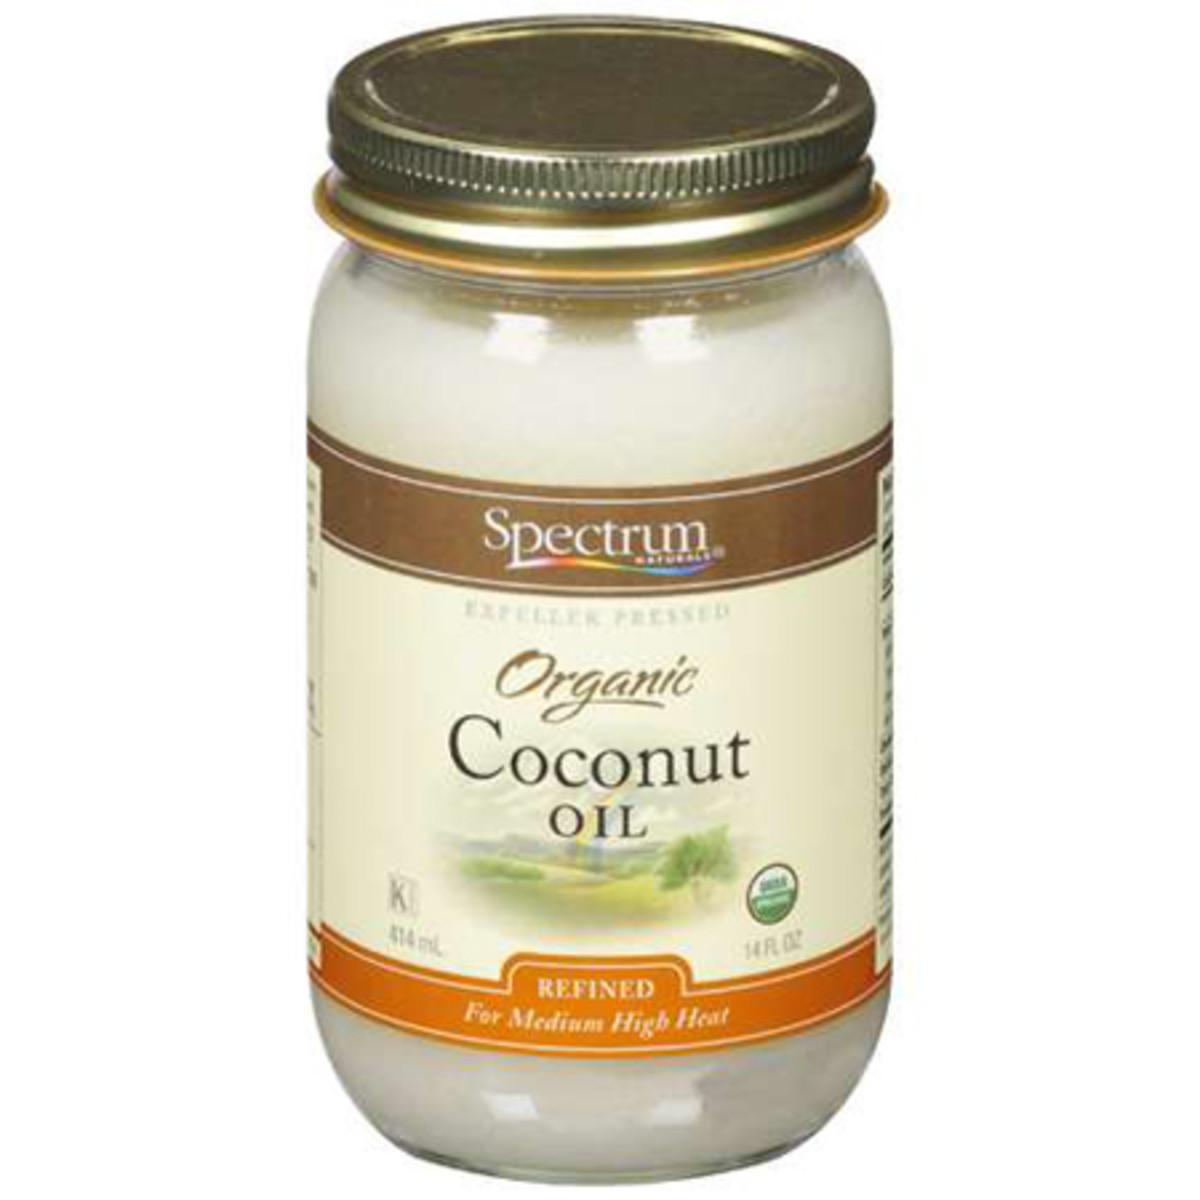 Spectrum Naturals Coconut Oil